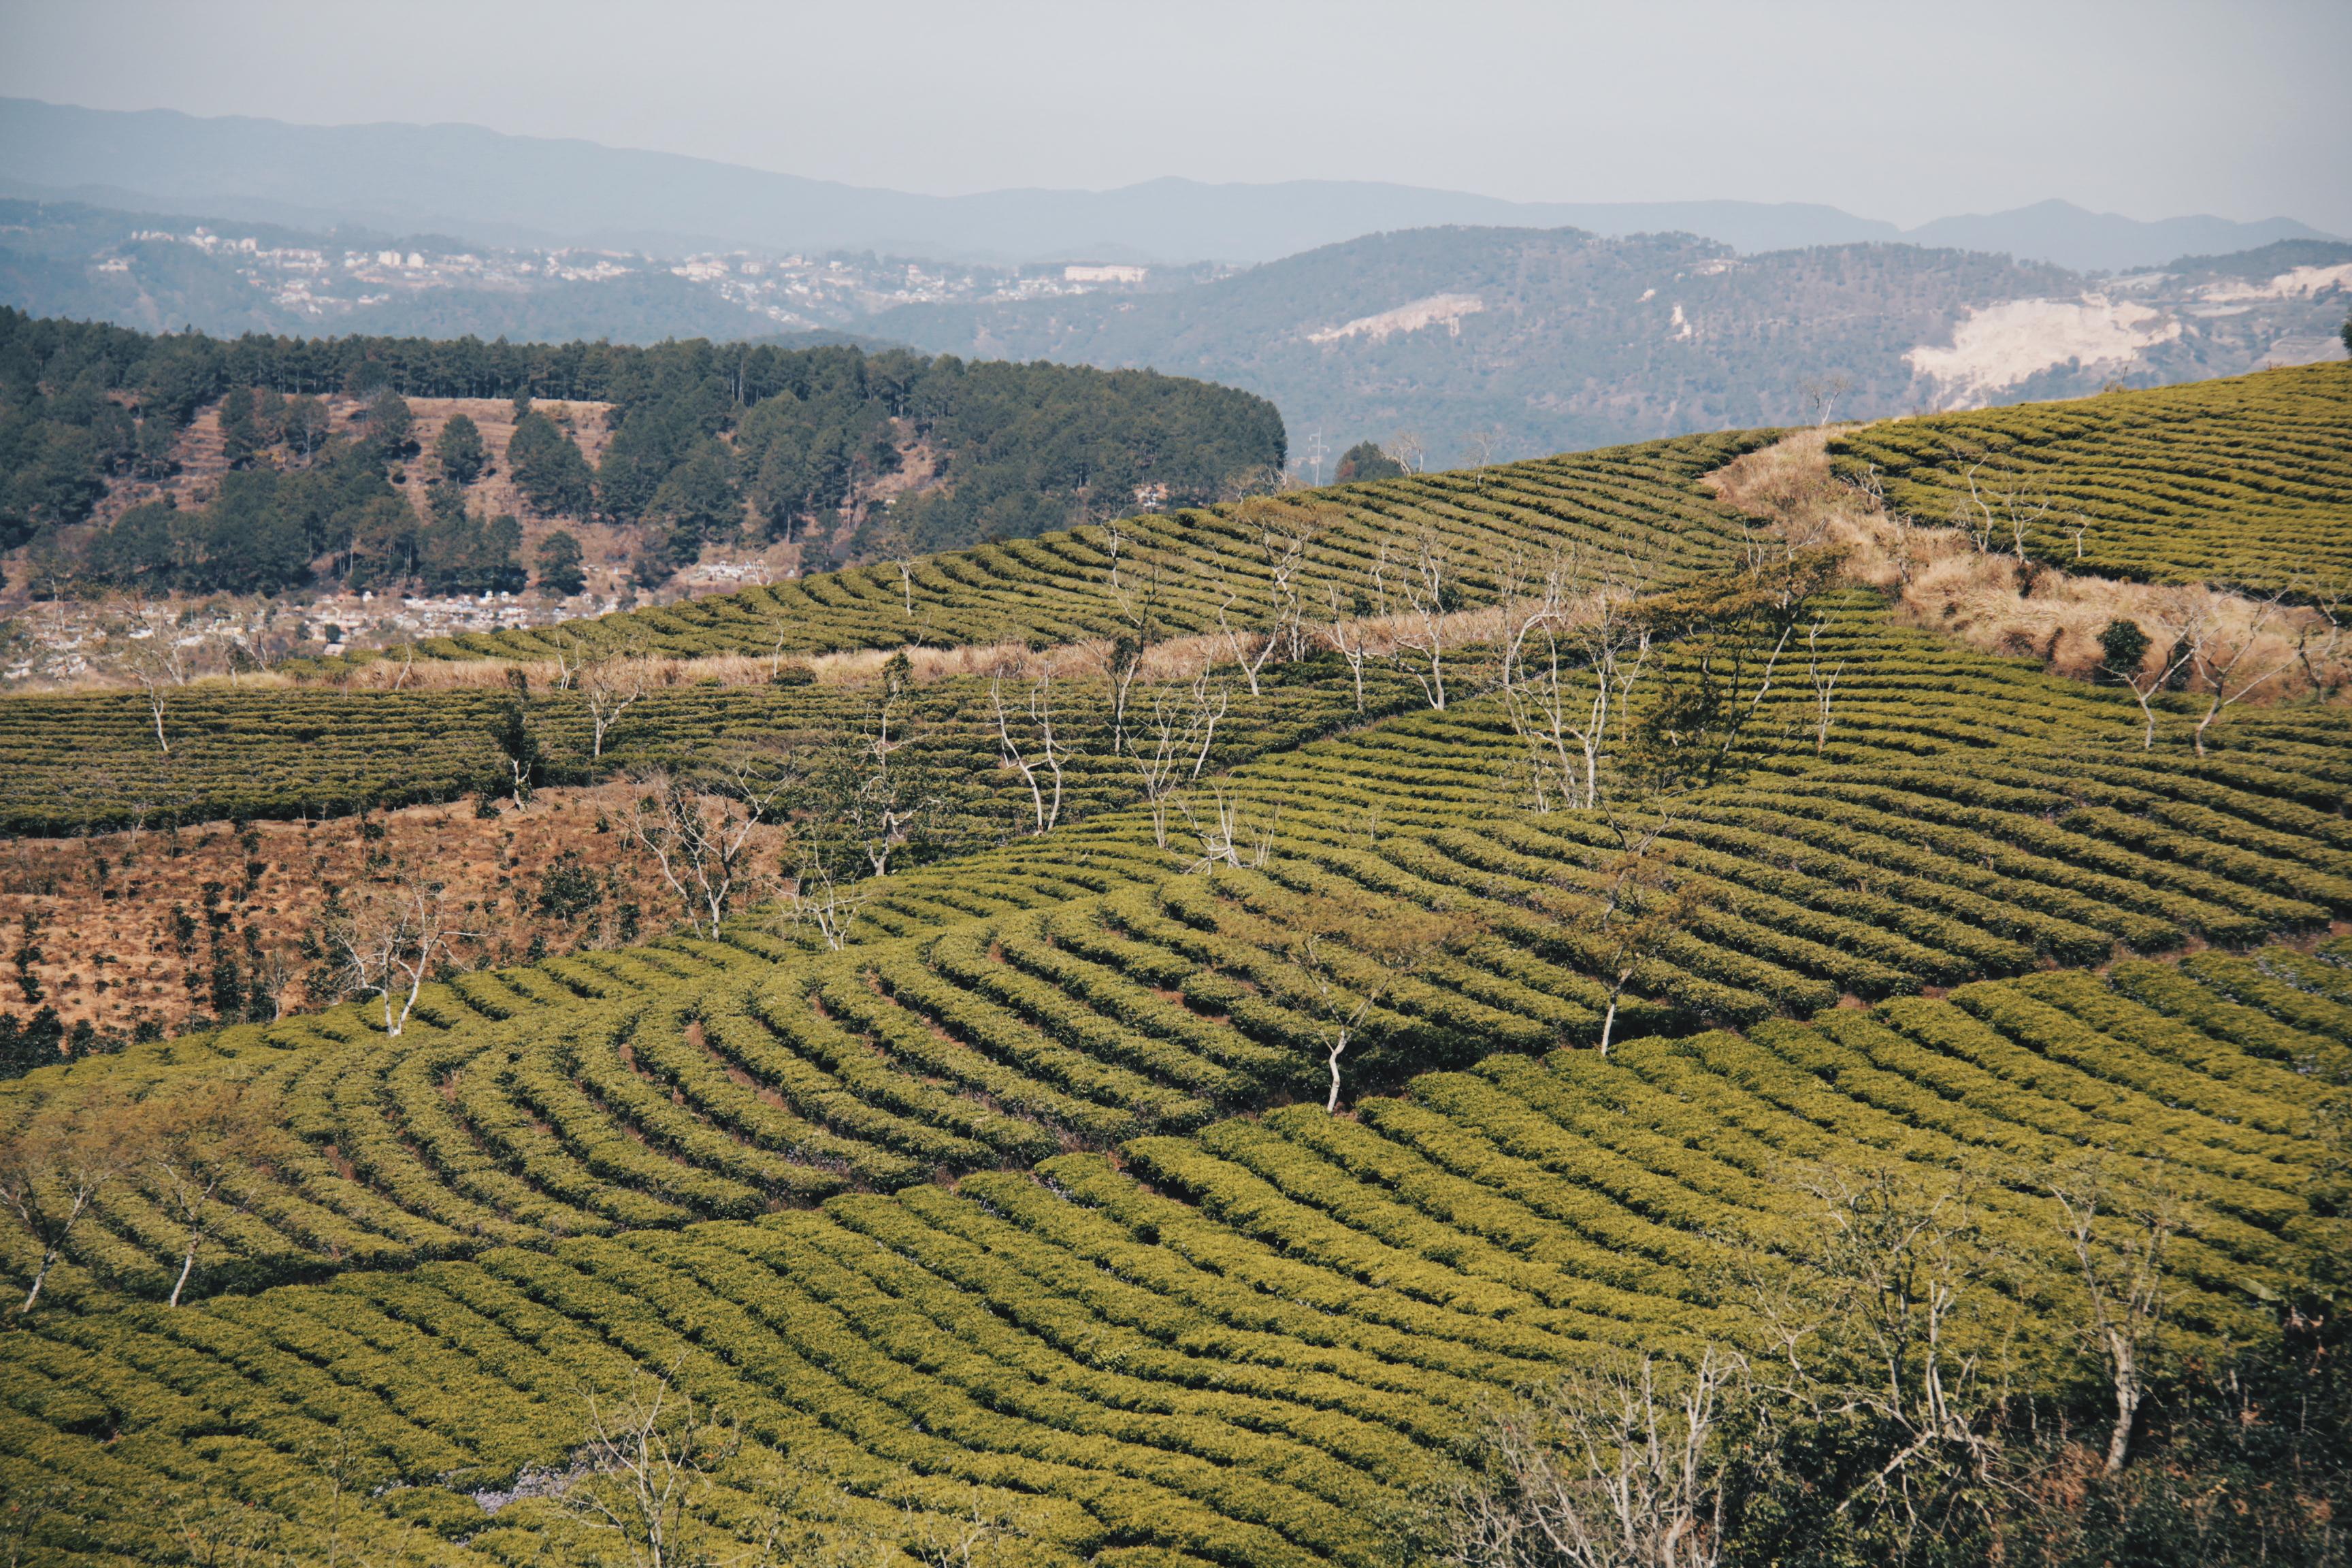 Terraced hillside in Dalat, Vietnam countryside